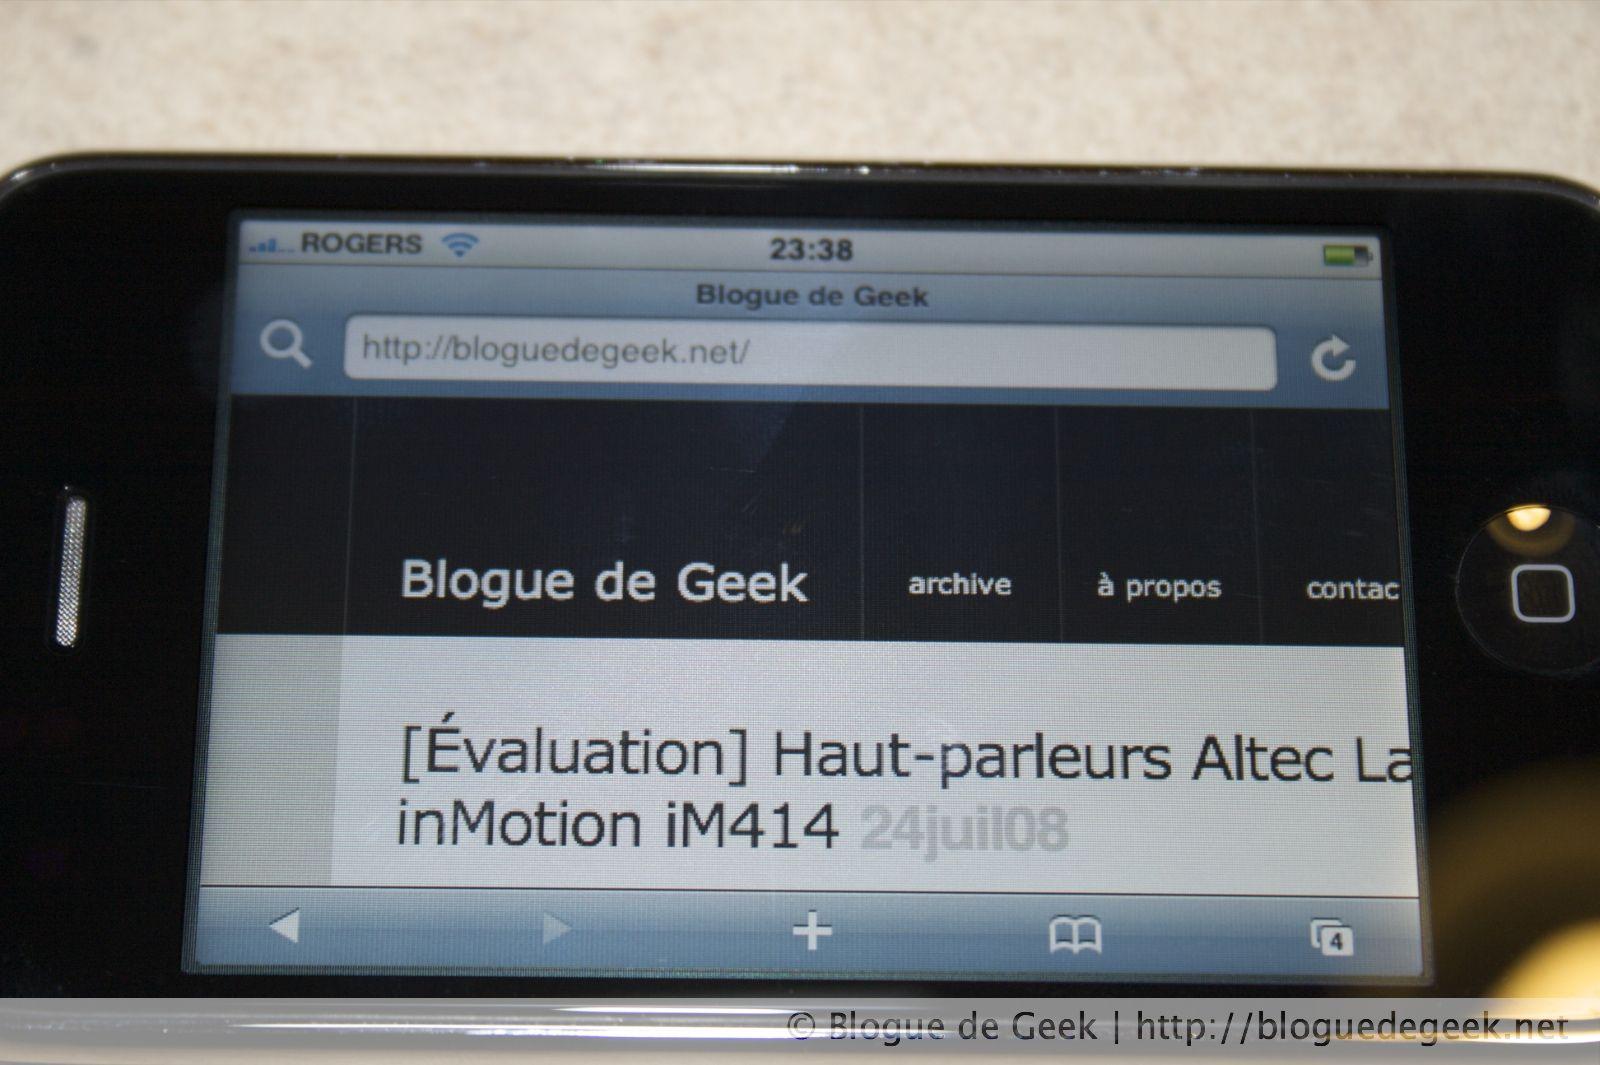 img 262112 - iPhone 3G avec Rogers au Canada [Évaluation]